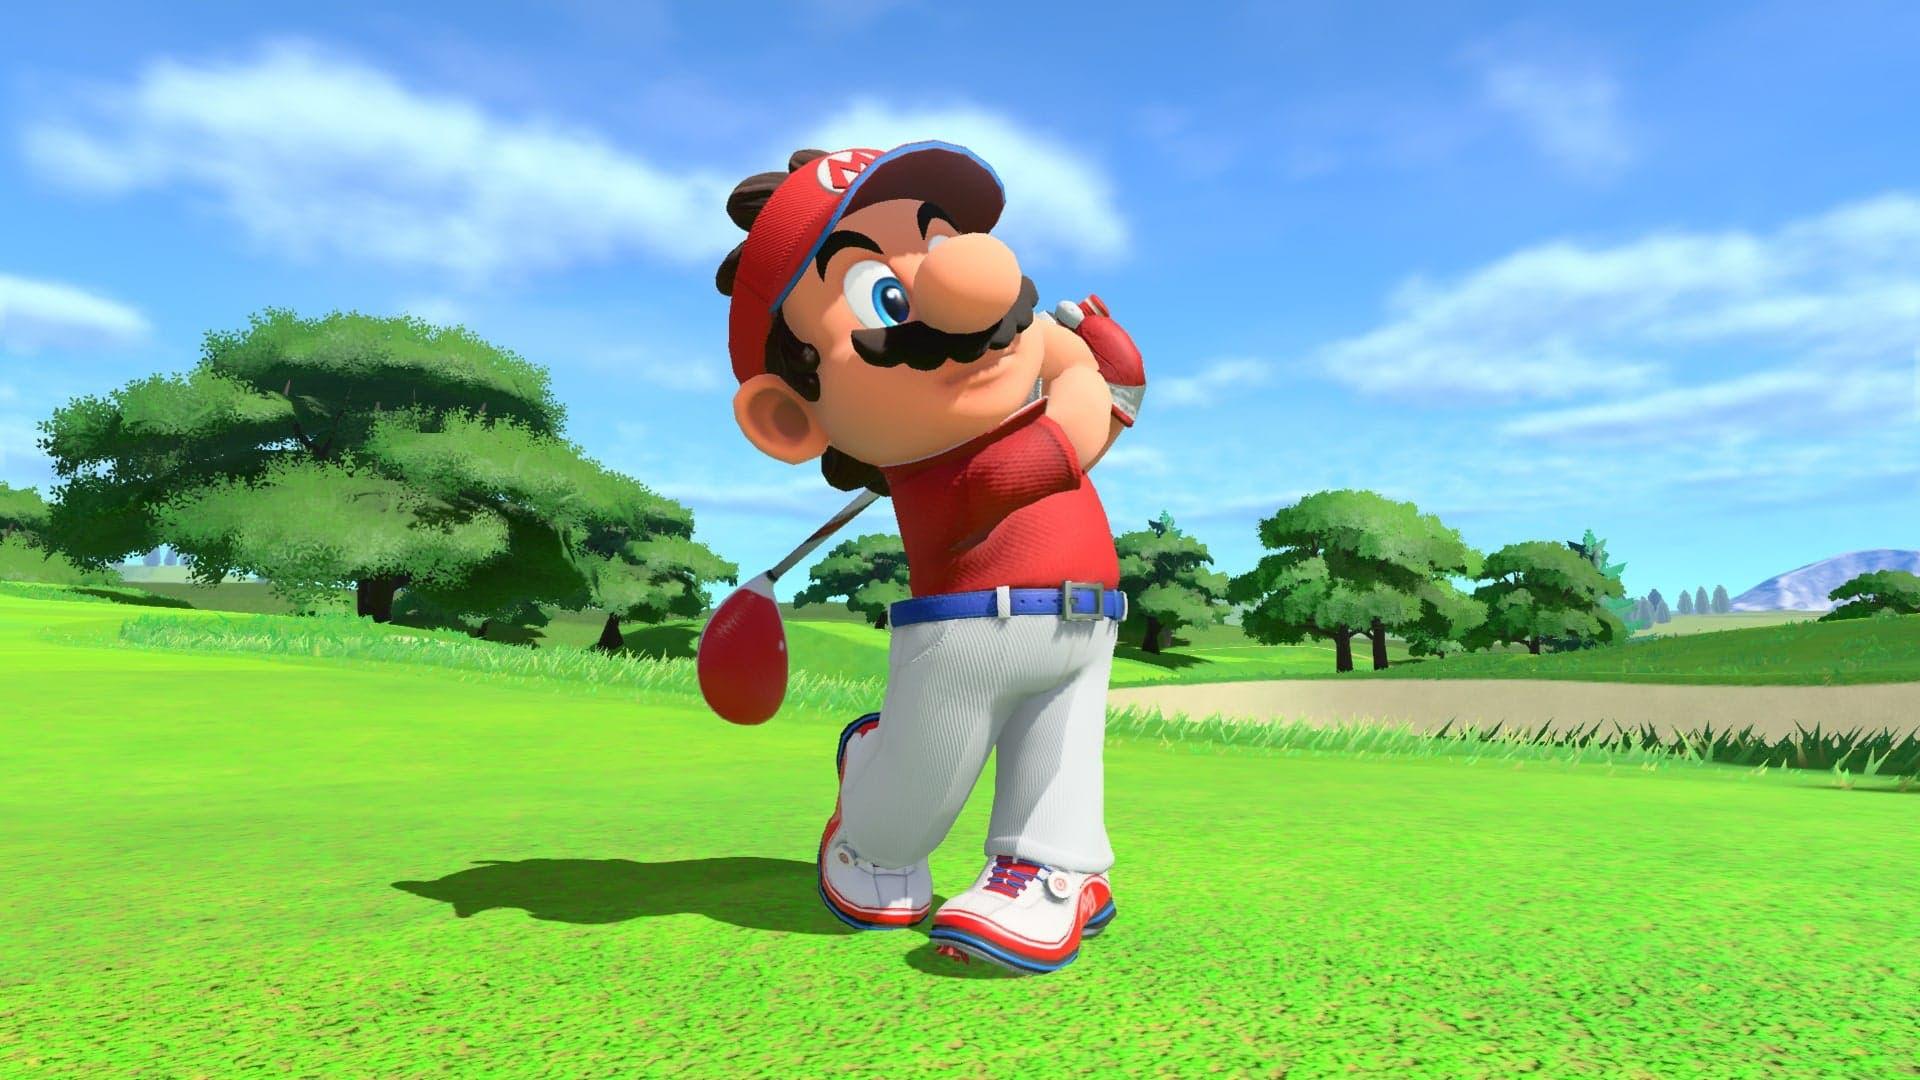 Cómo realizar un lanzamiento curvado en Mario Golf: Super Rush